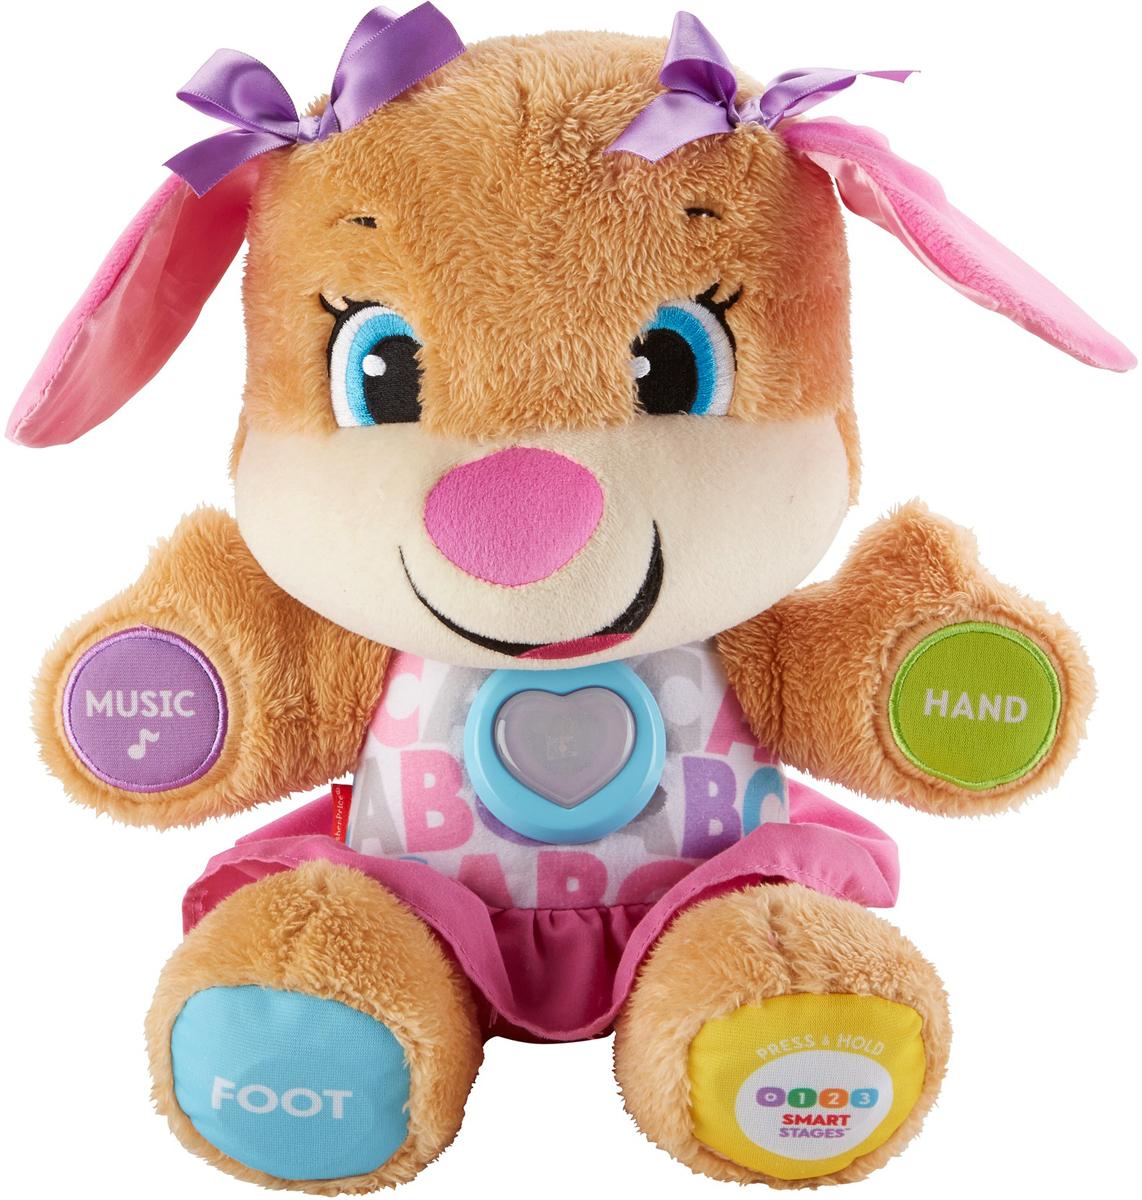 Fisher-Price Infant Toys Развивающая игрушка Сестричка Первые слова